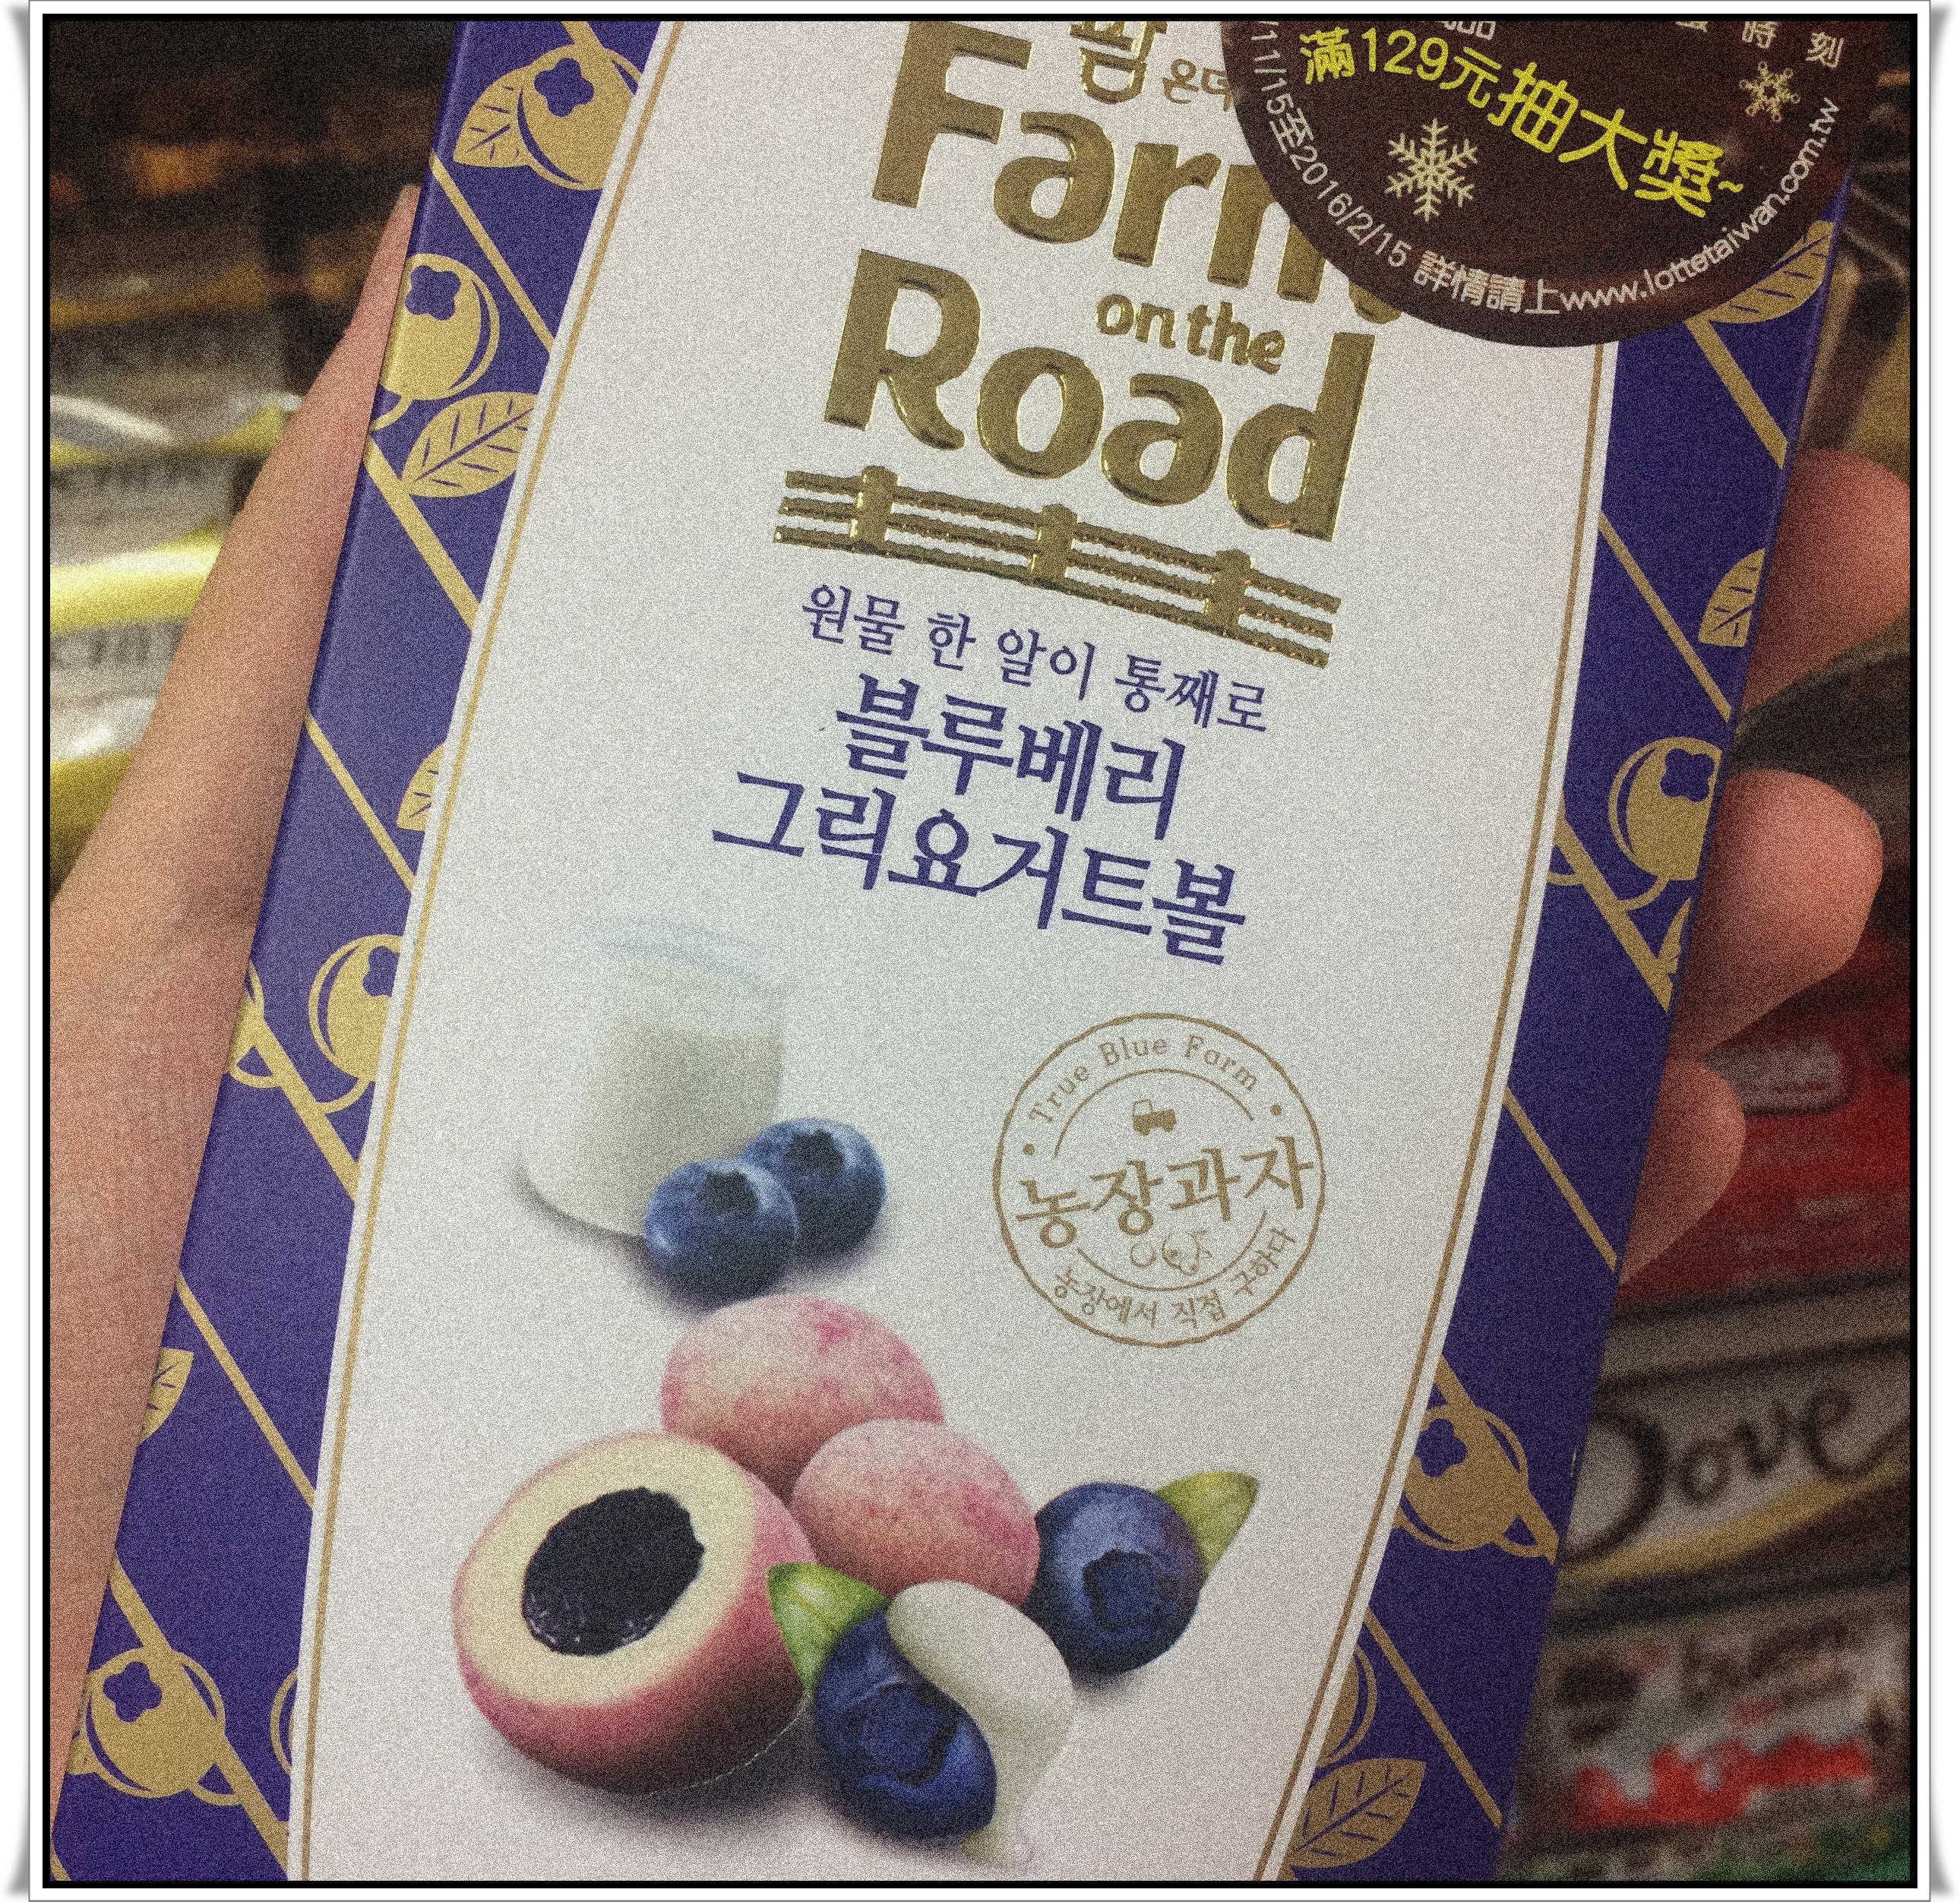 /04/Farm on the road藍莓優格球  可以買指數:★★★☆ 韓國品牌標榜利用農場新鮮原材料製成。外面一層真的好優格再吃到裡面的藍莓,有層次感又搭,酸酸甜甜的不膩大加分!